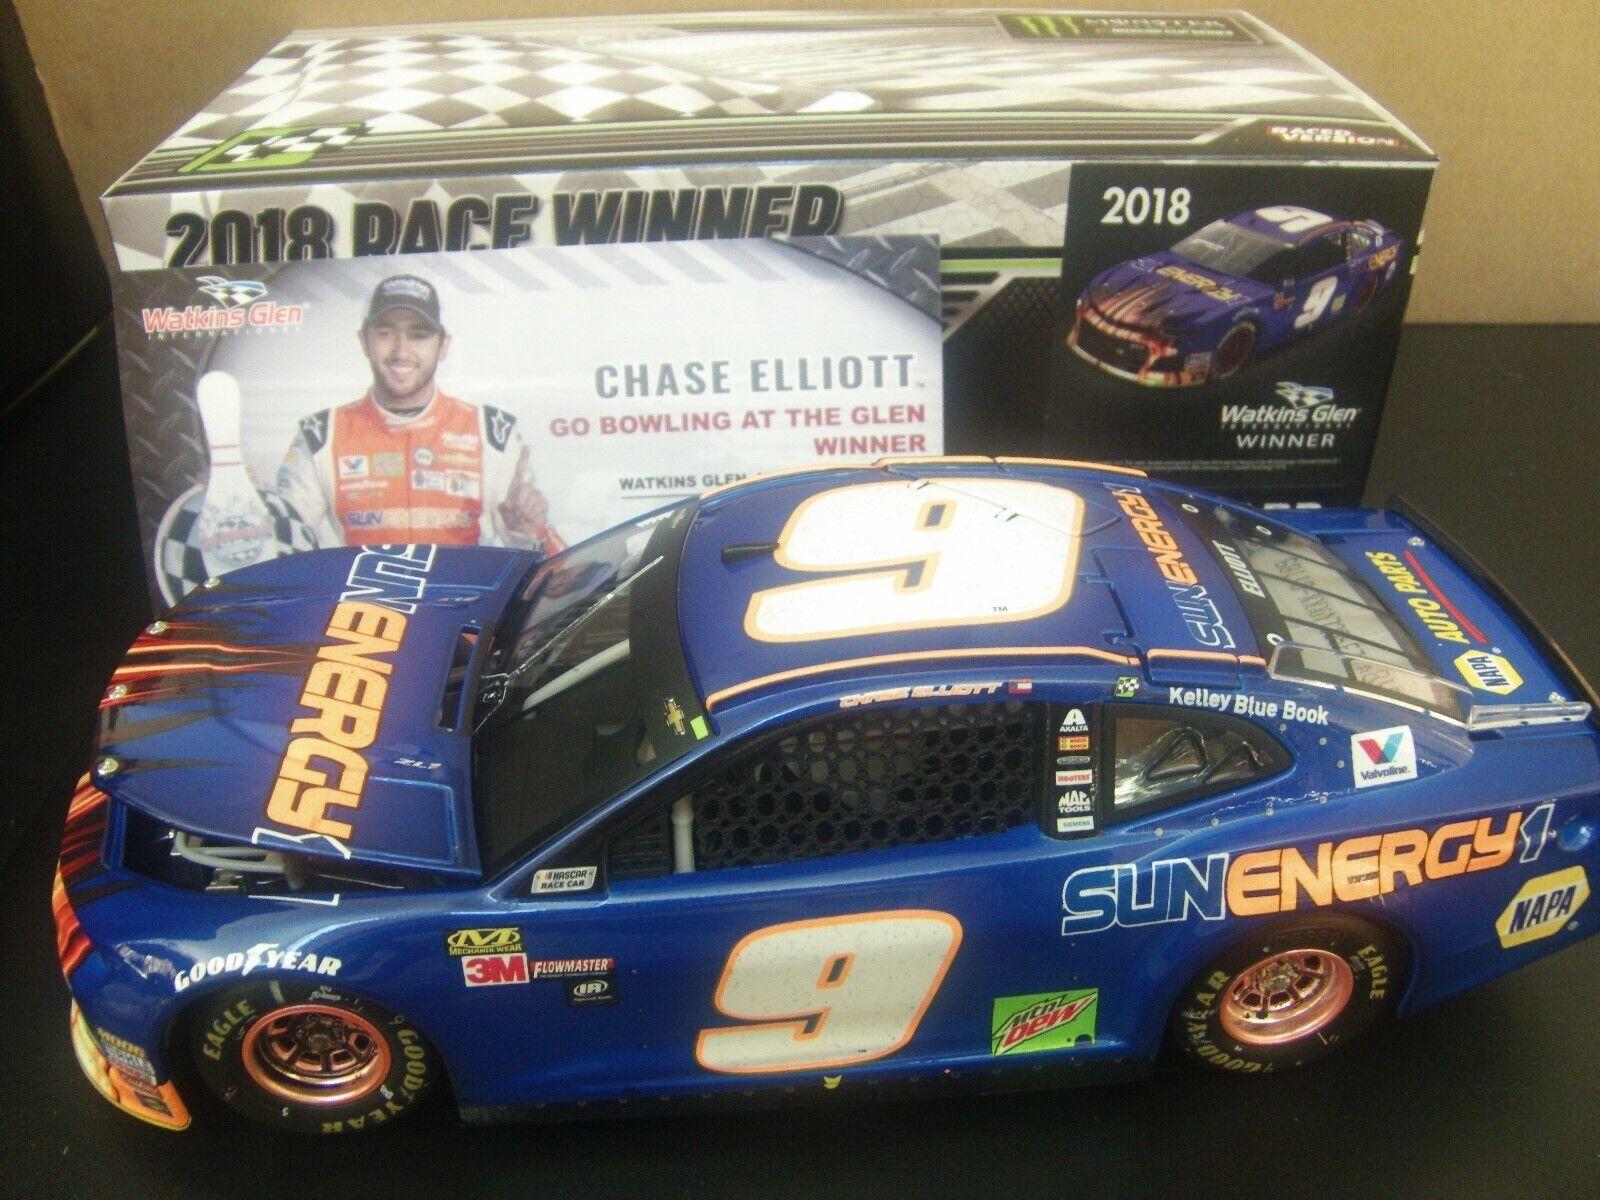 Chase Elliott 2018 WATKINS GLEN 1 24 FIRST NASCAR WIN SunEnergy bluee